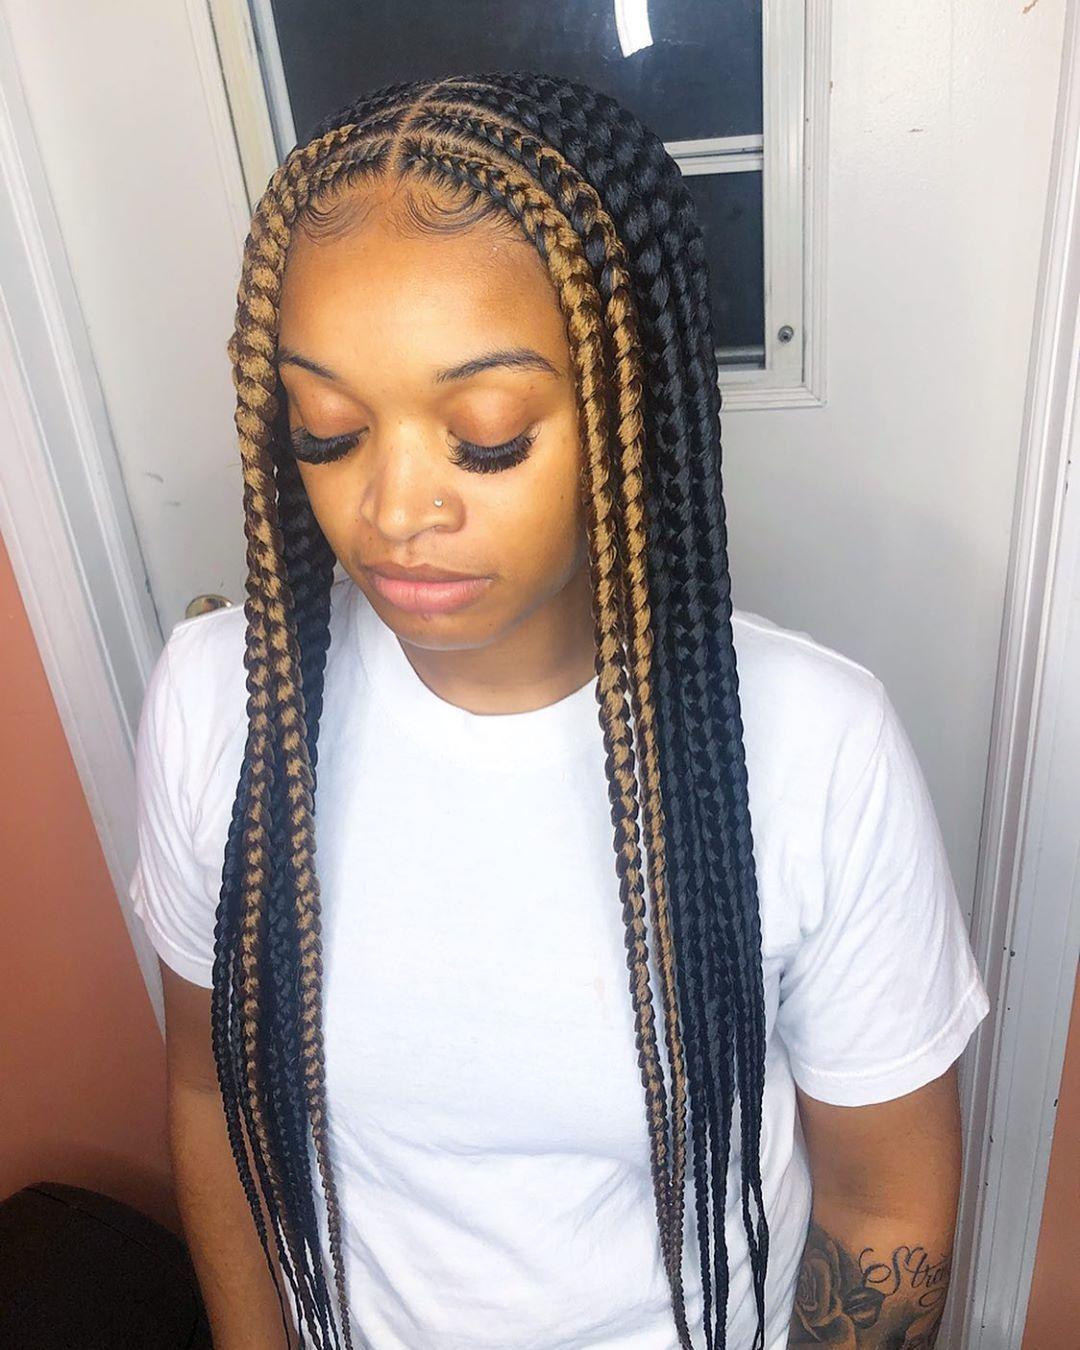 Braided Hairstyles In Kenya 2019 Braided Hair Vacation Braided Hairstyles 2018 Black Female Braided Hairs Braided Hairstyles Cornrow Hairstyles Hair Styles